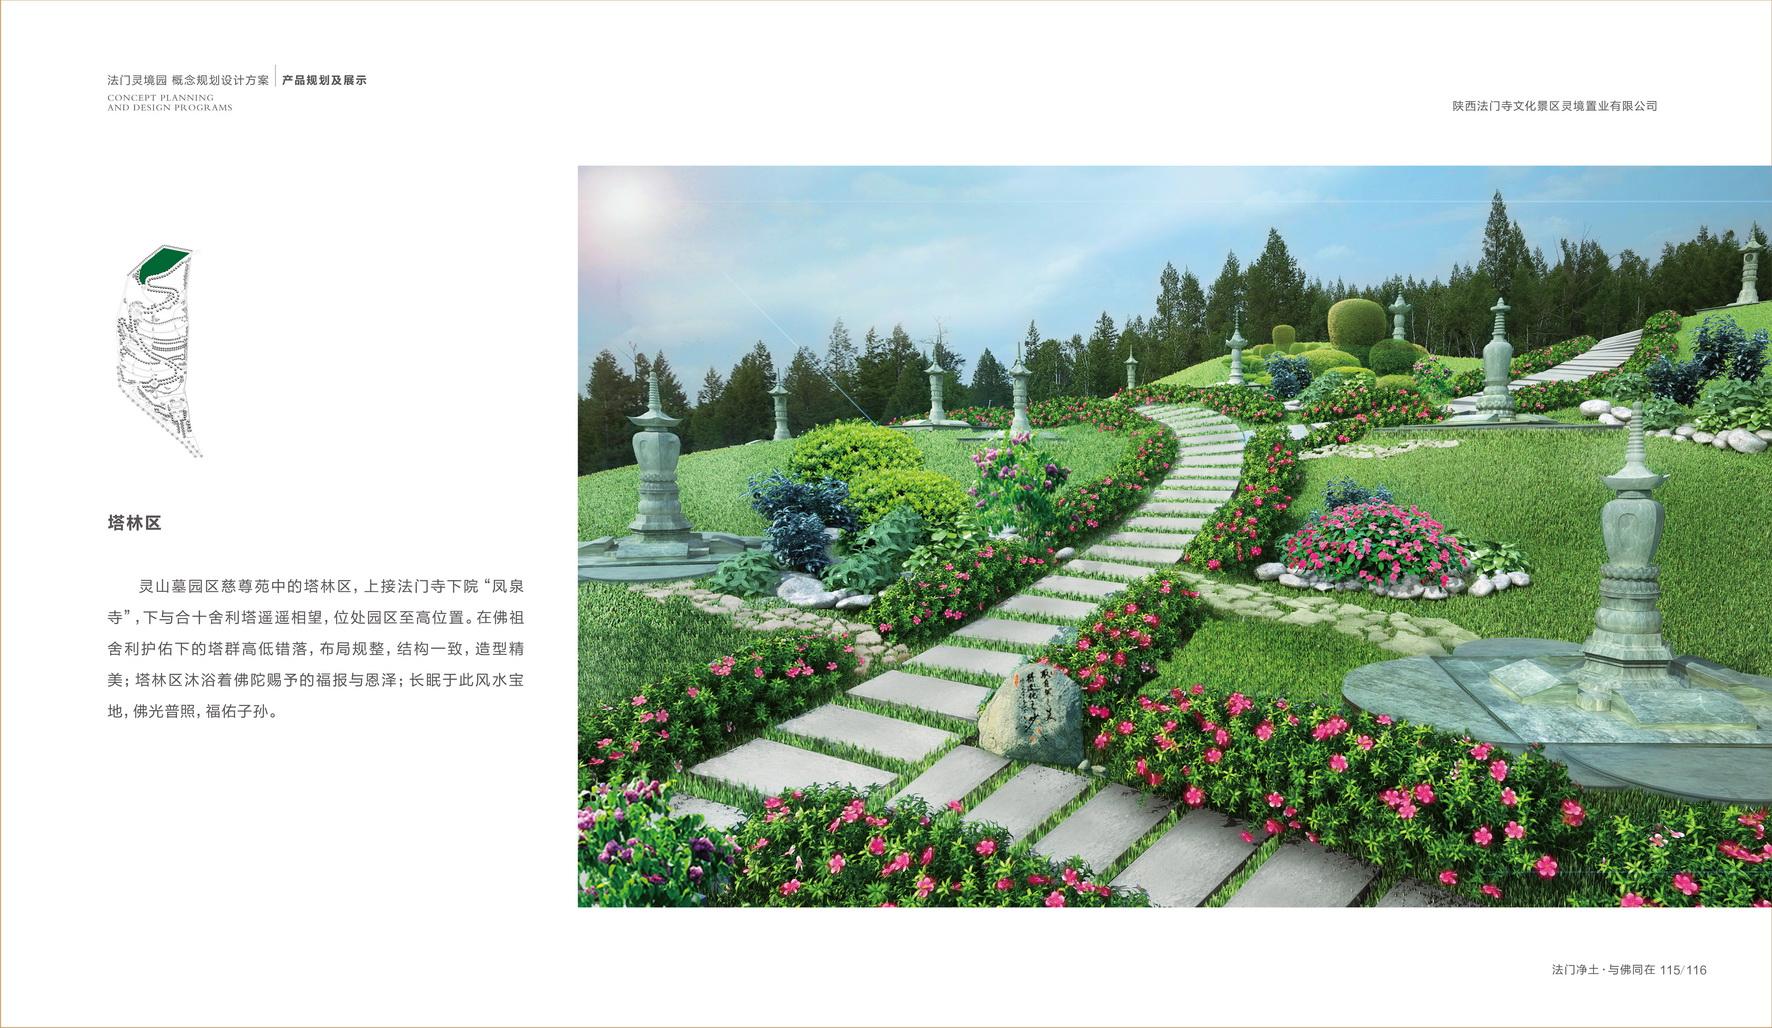 法门寺墓地的概念规划